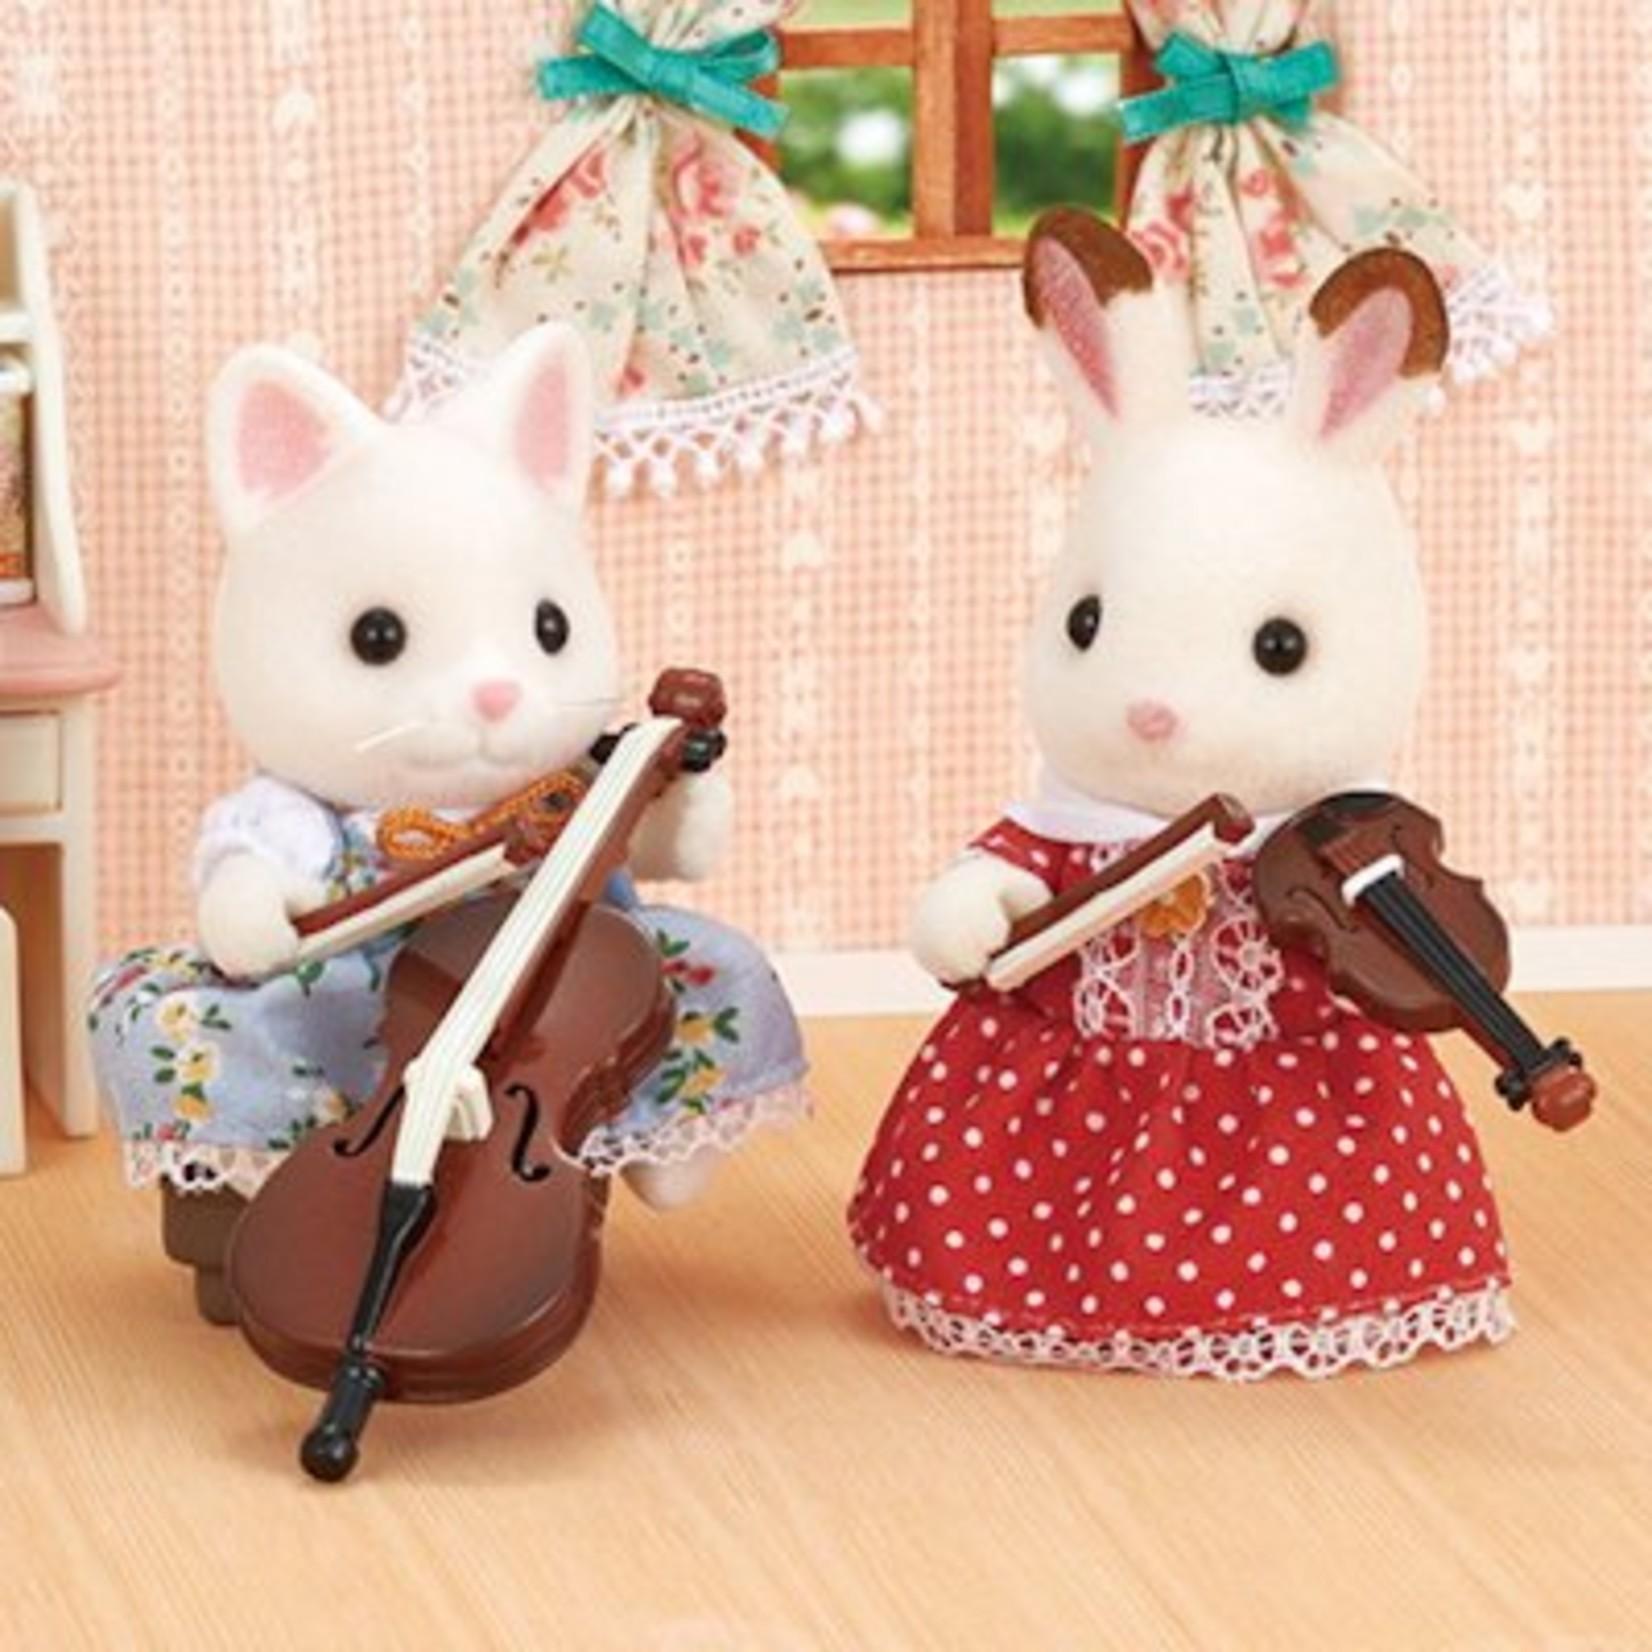 Sylvanian Families Celloconcertset